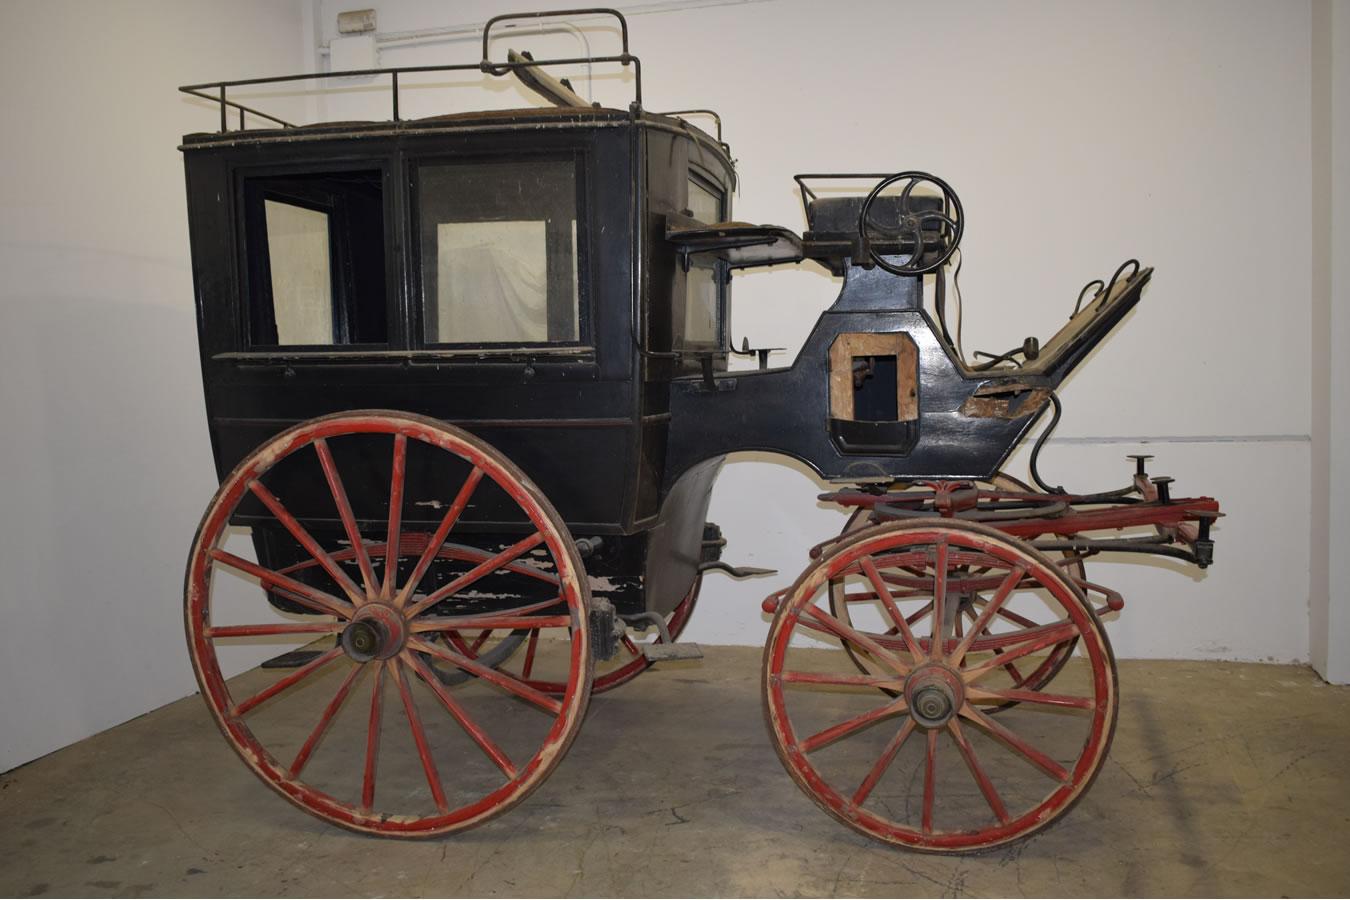 169-restauracion-carruaje-omnibus-detalle-1